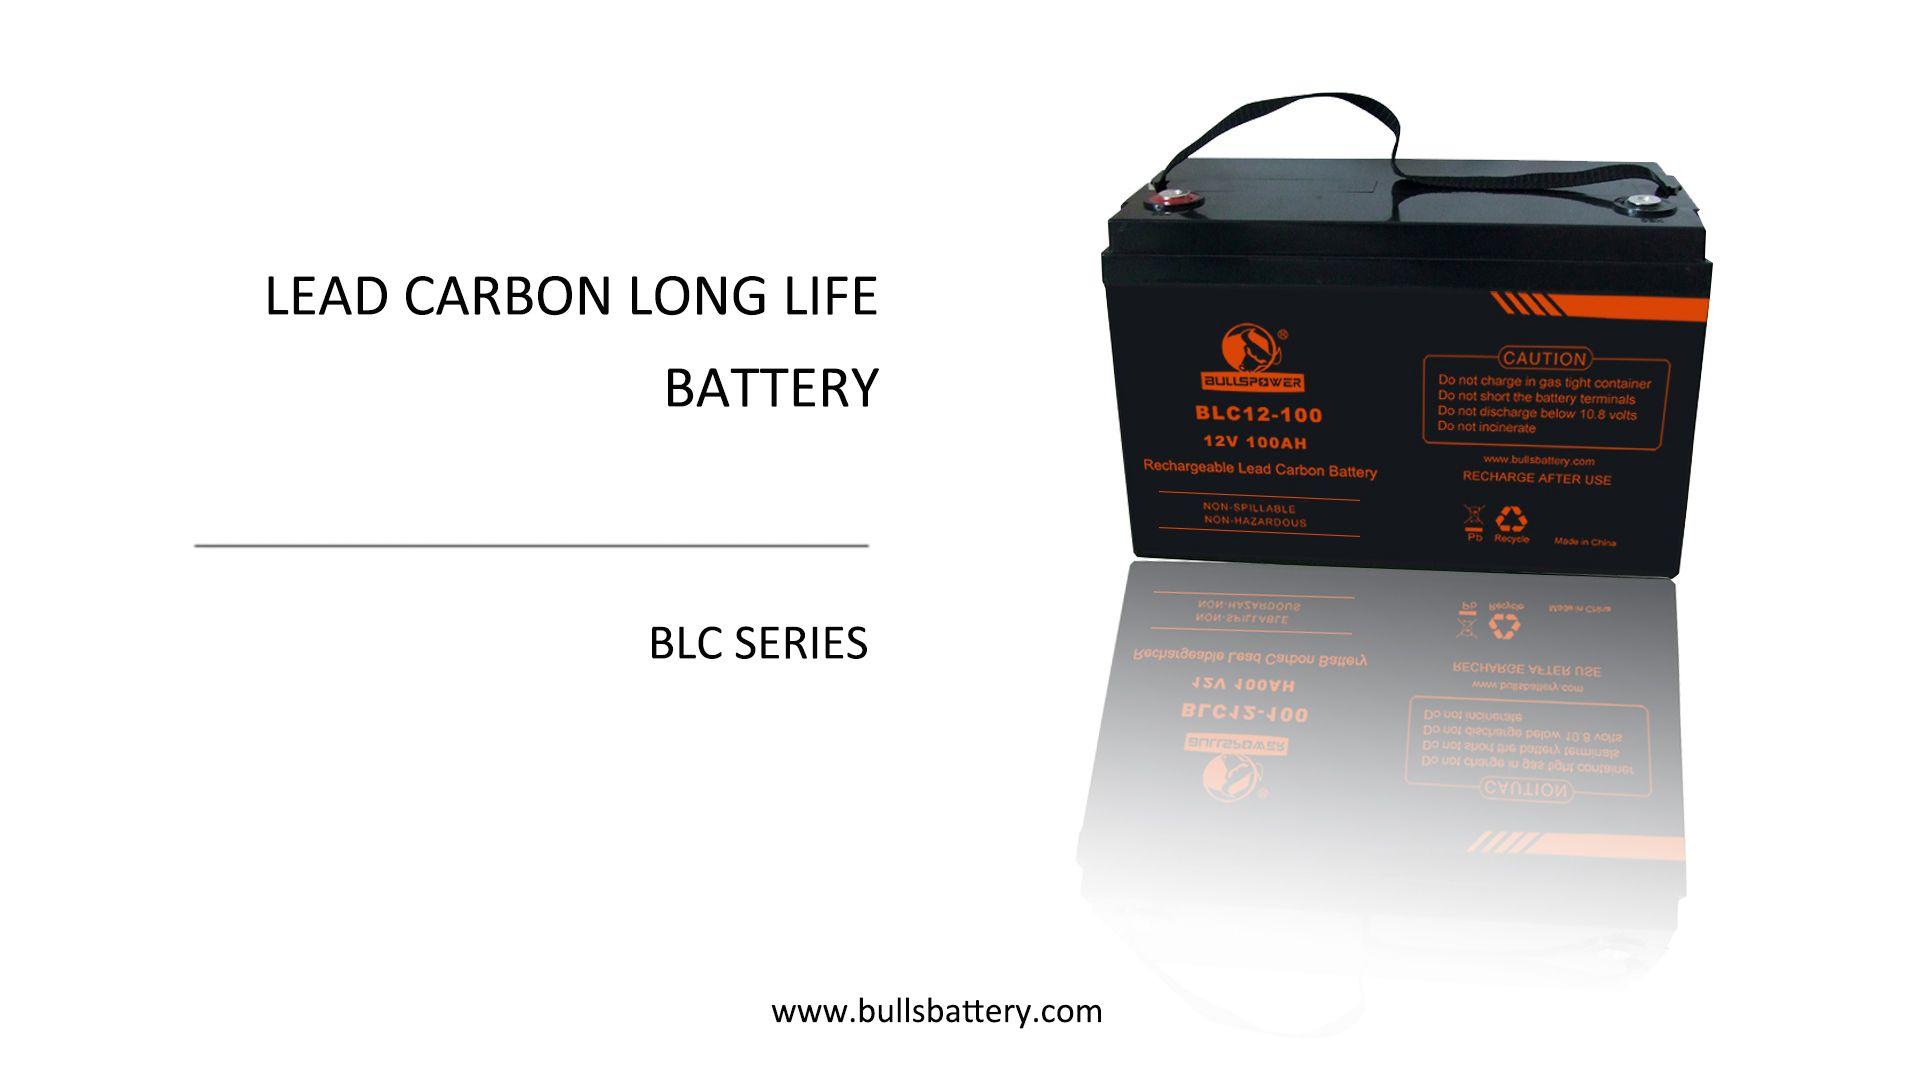 Longer life carbon